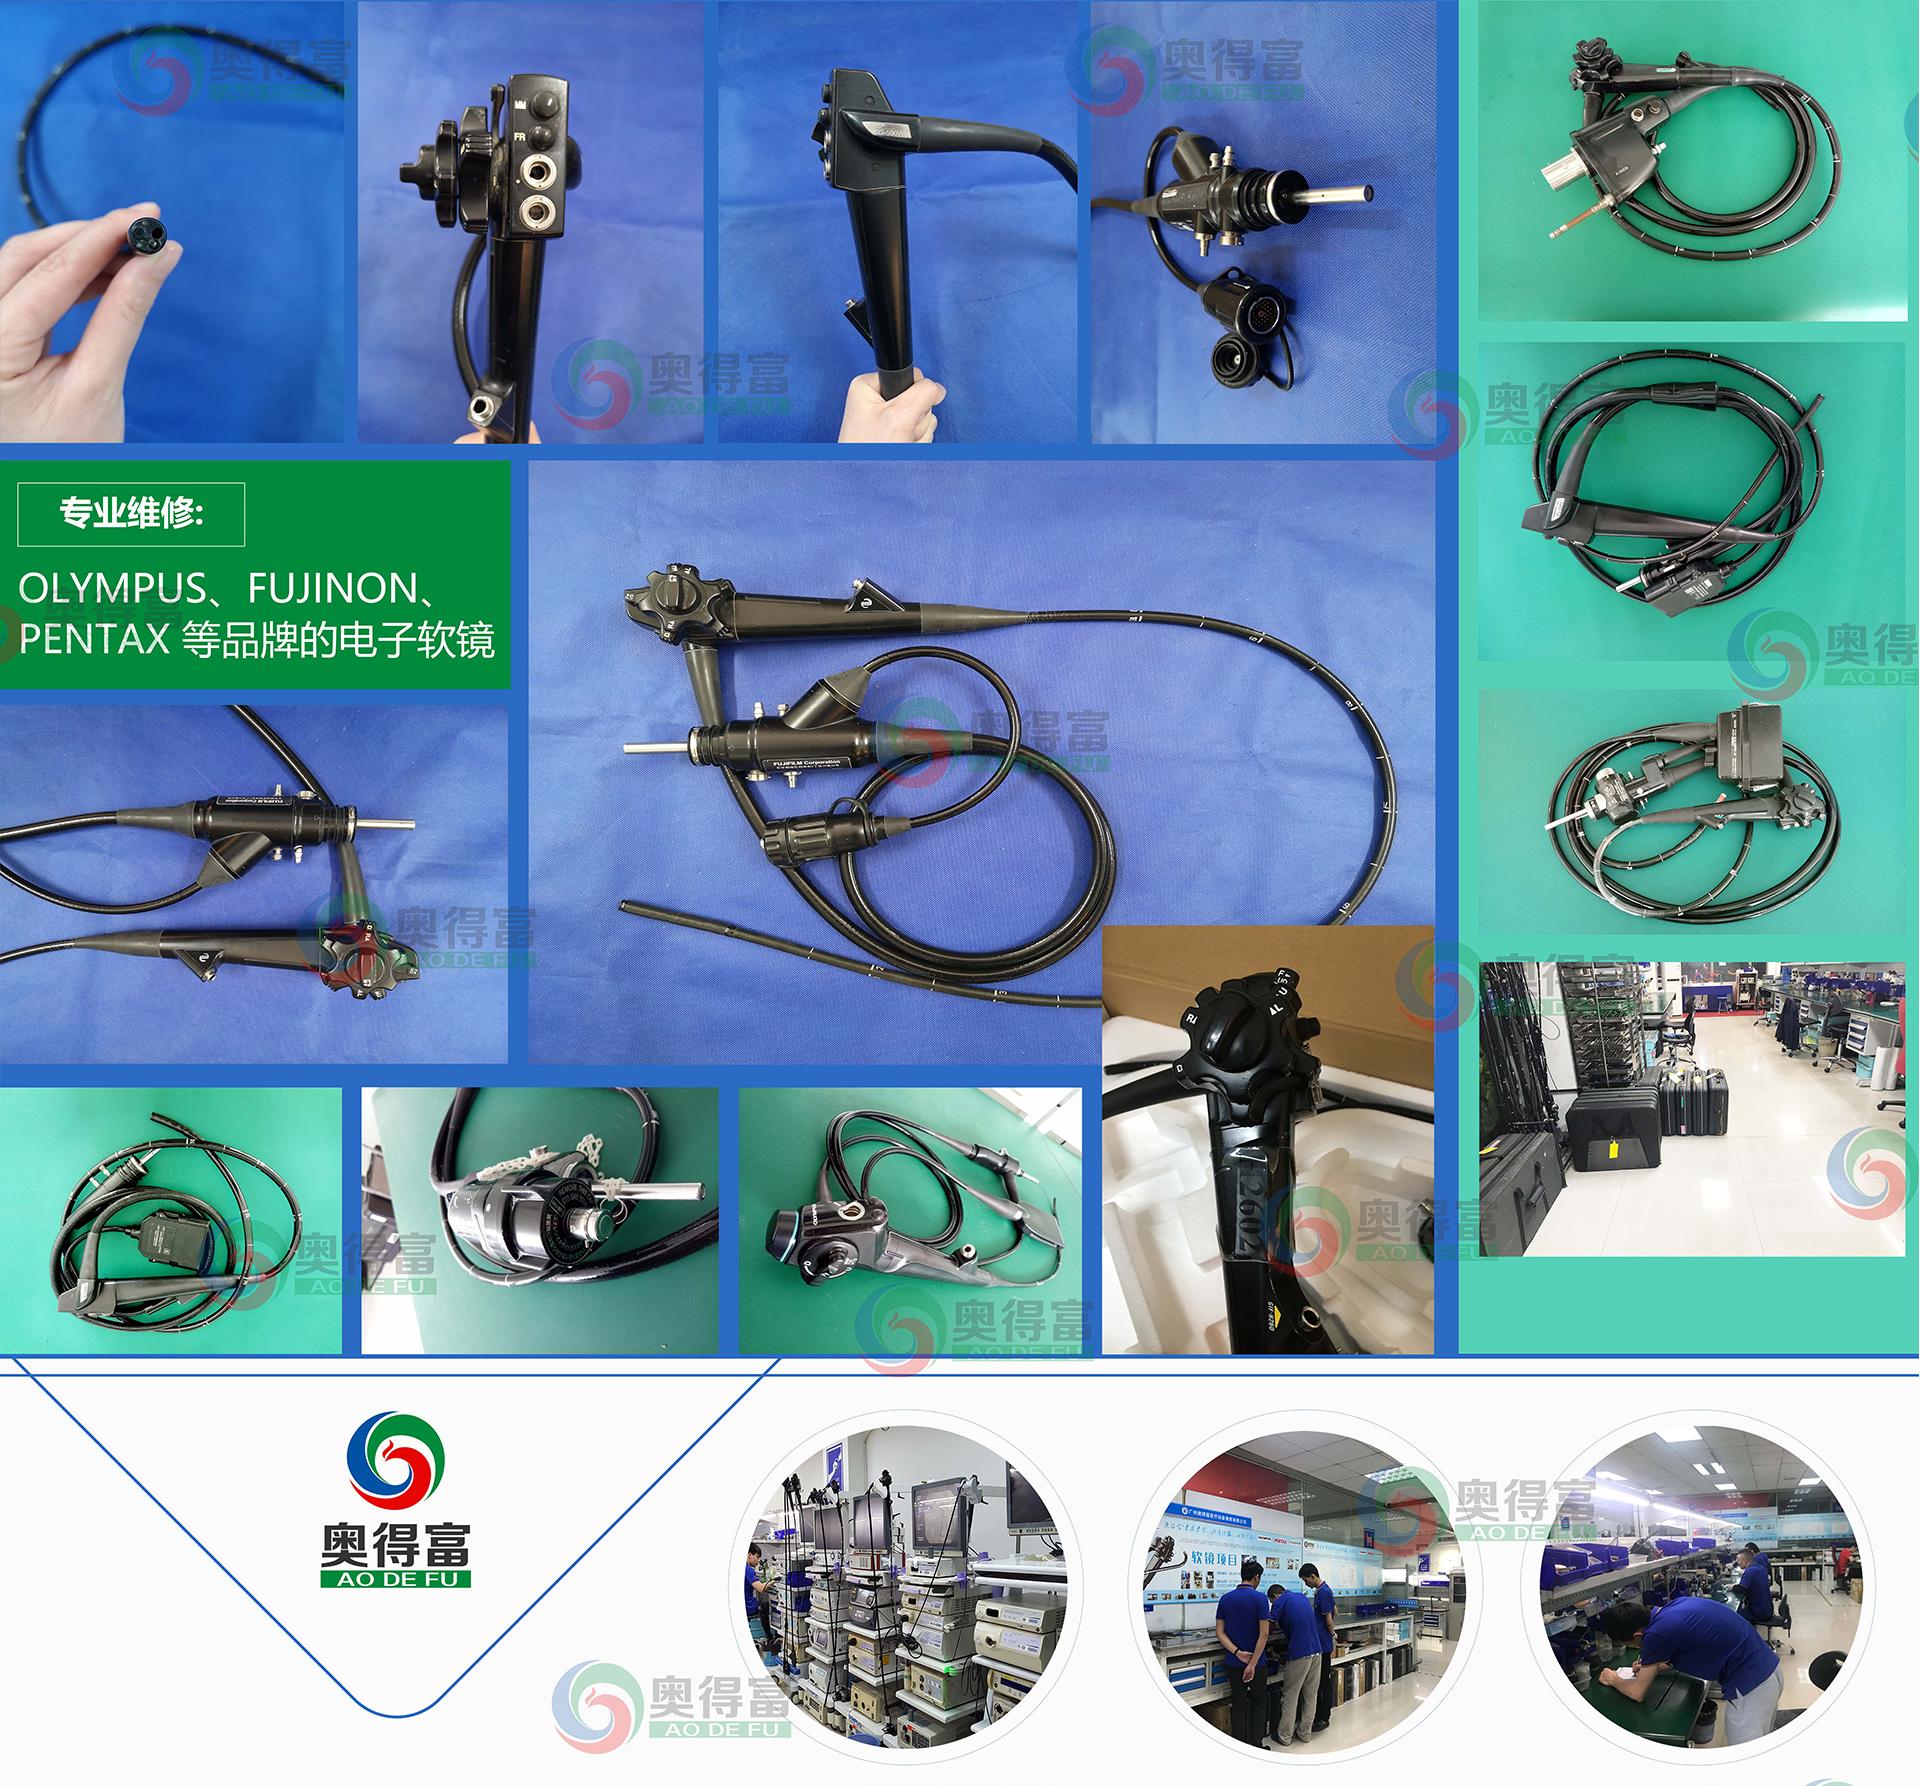 广州奥得富医疗设备维修提供电子胃镜维修/软镜维修/内窥镜维修